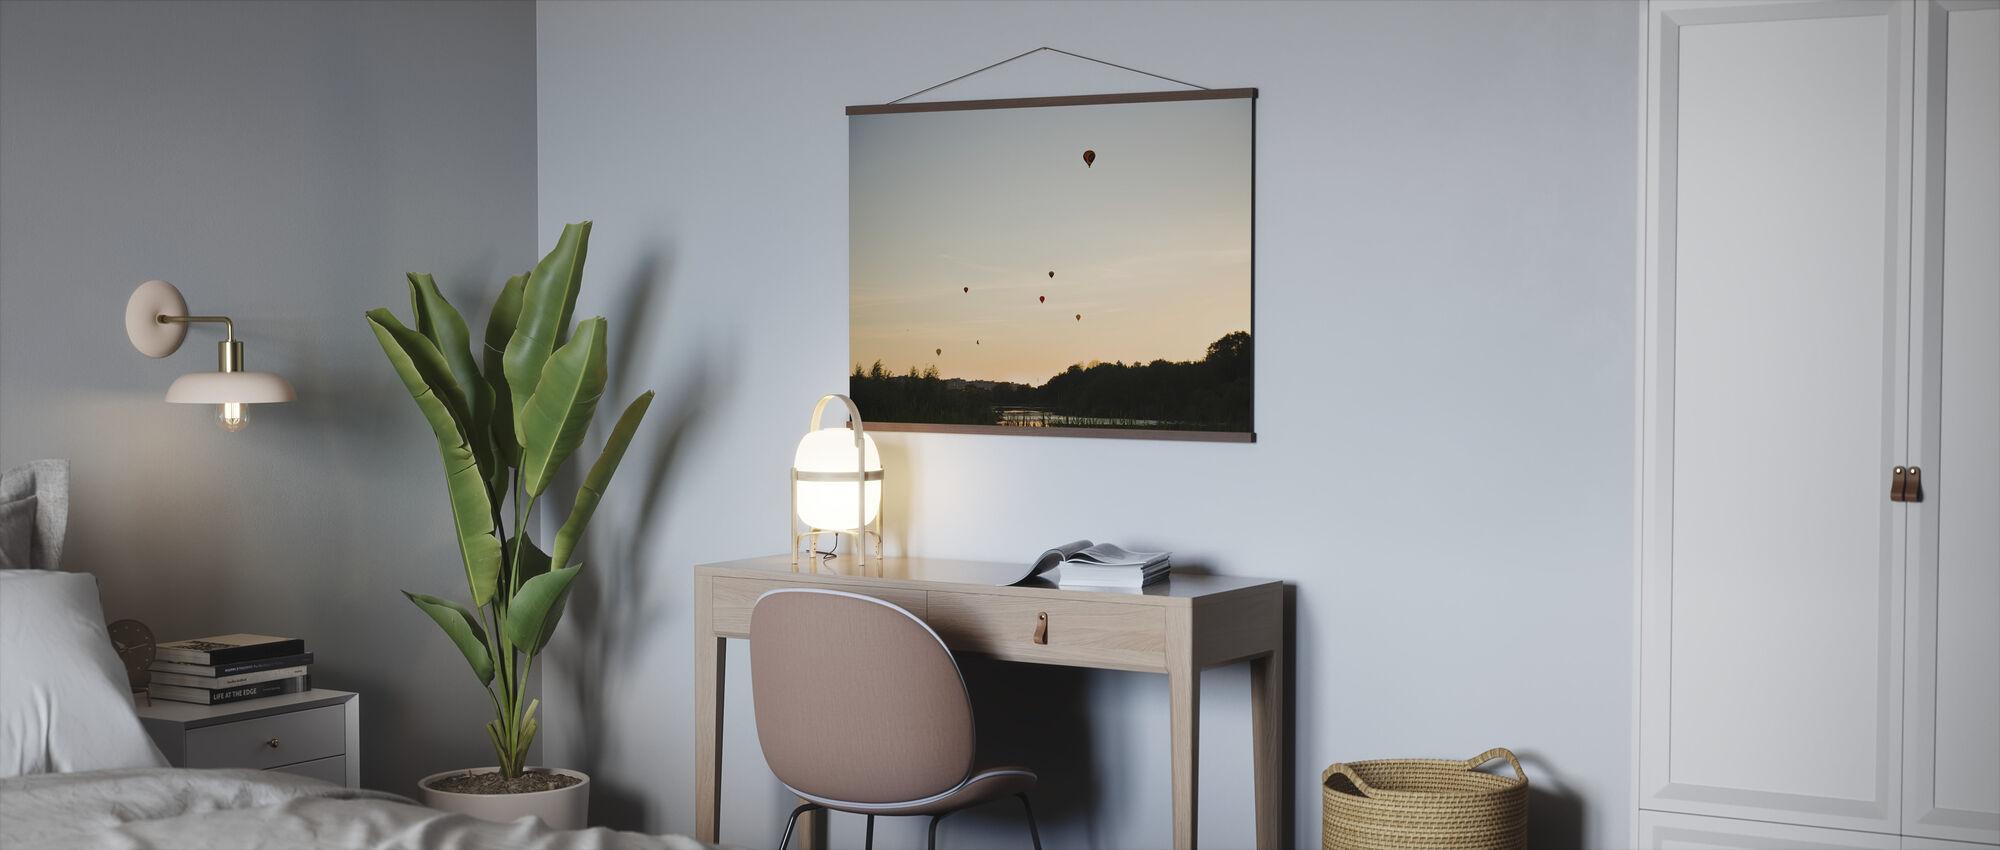 Air Balloons over Lake Råstasjön, Sweden - Poster - Office